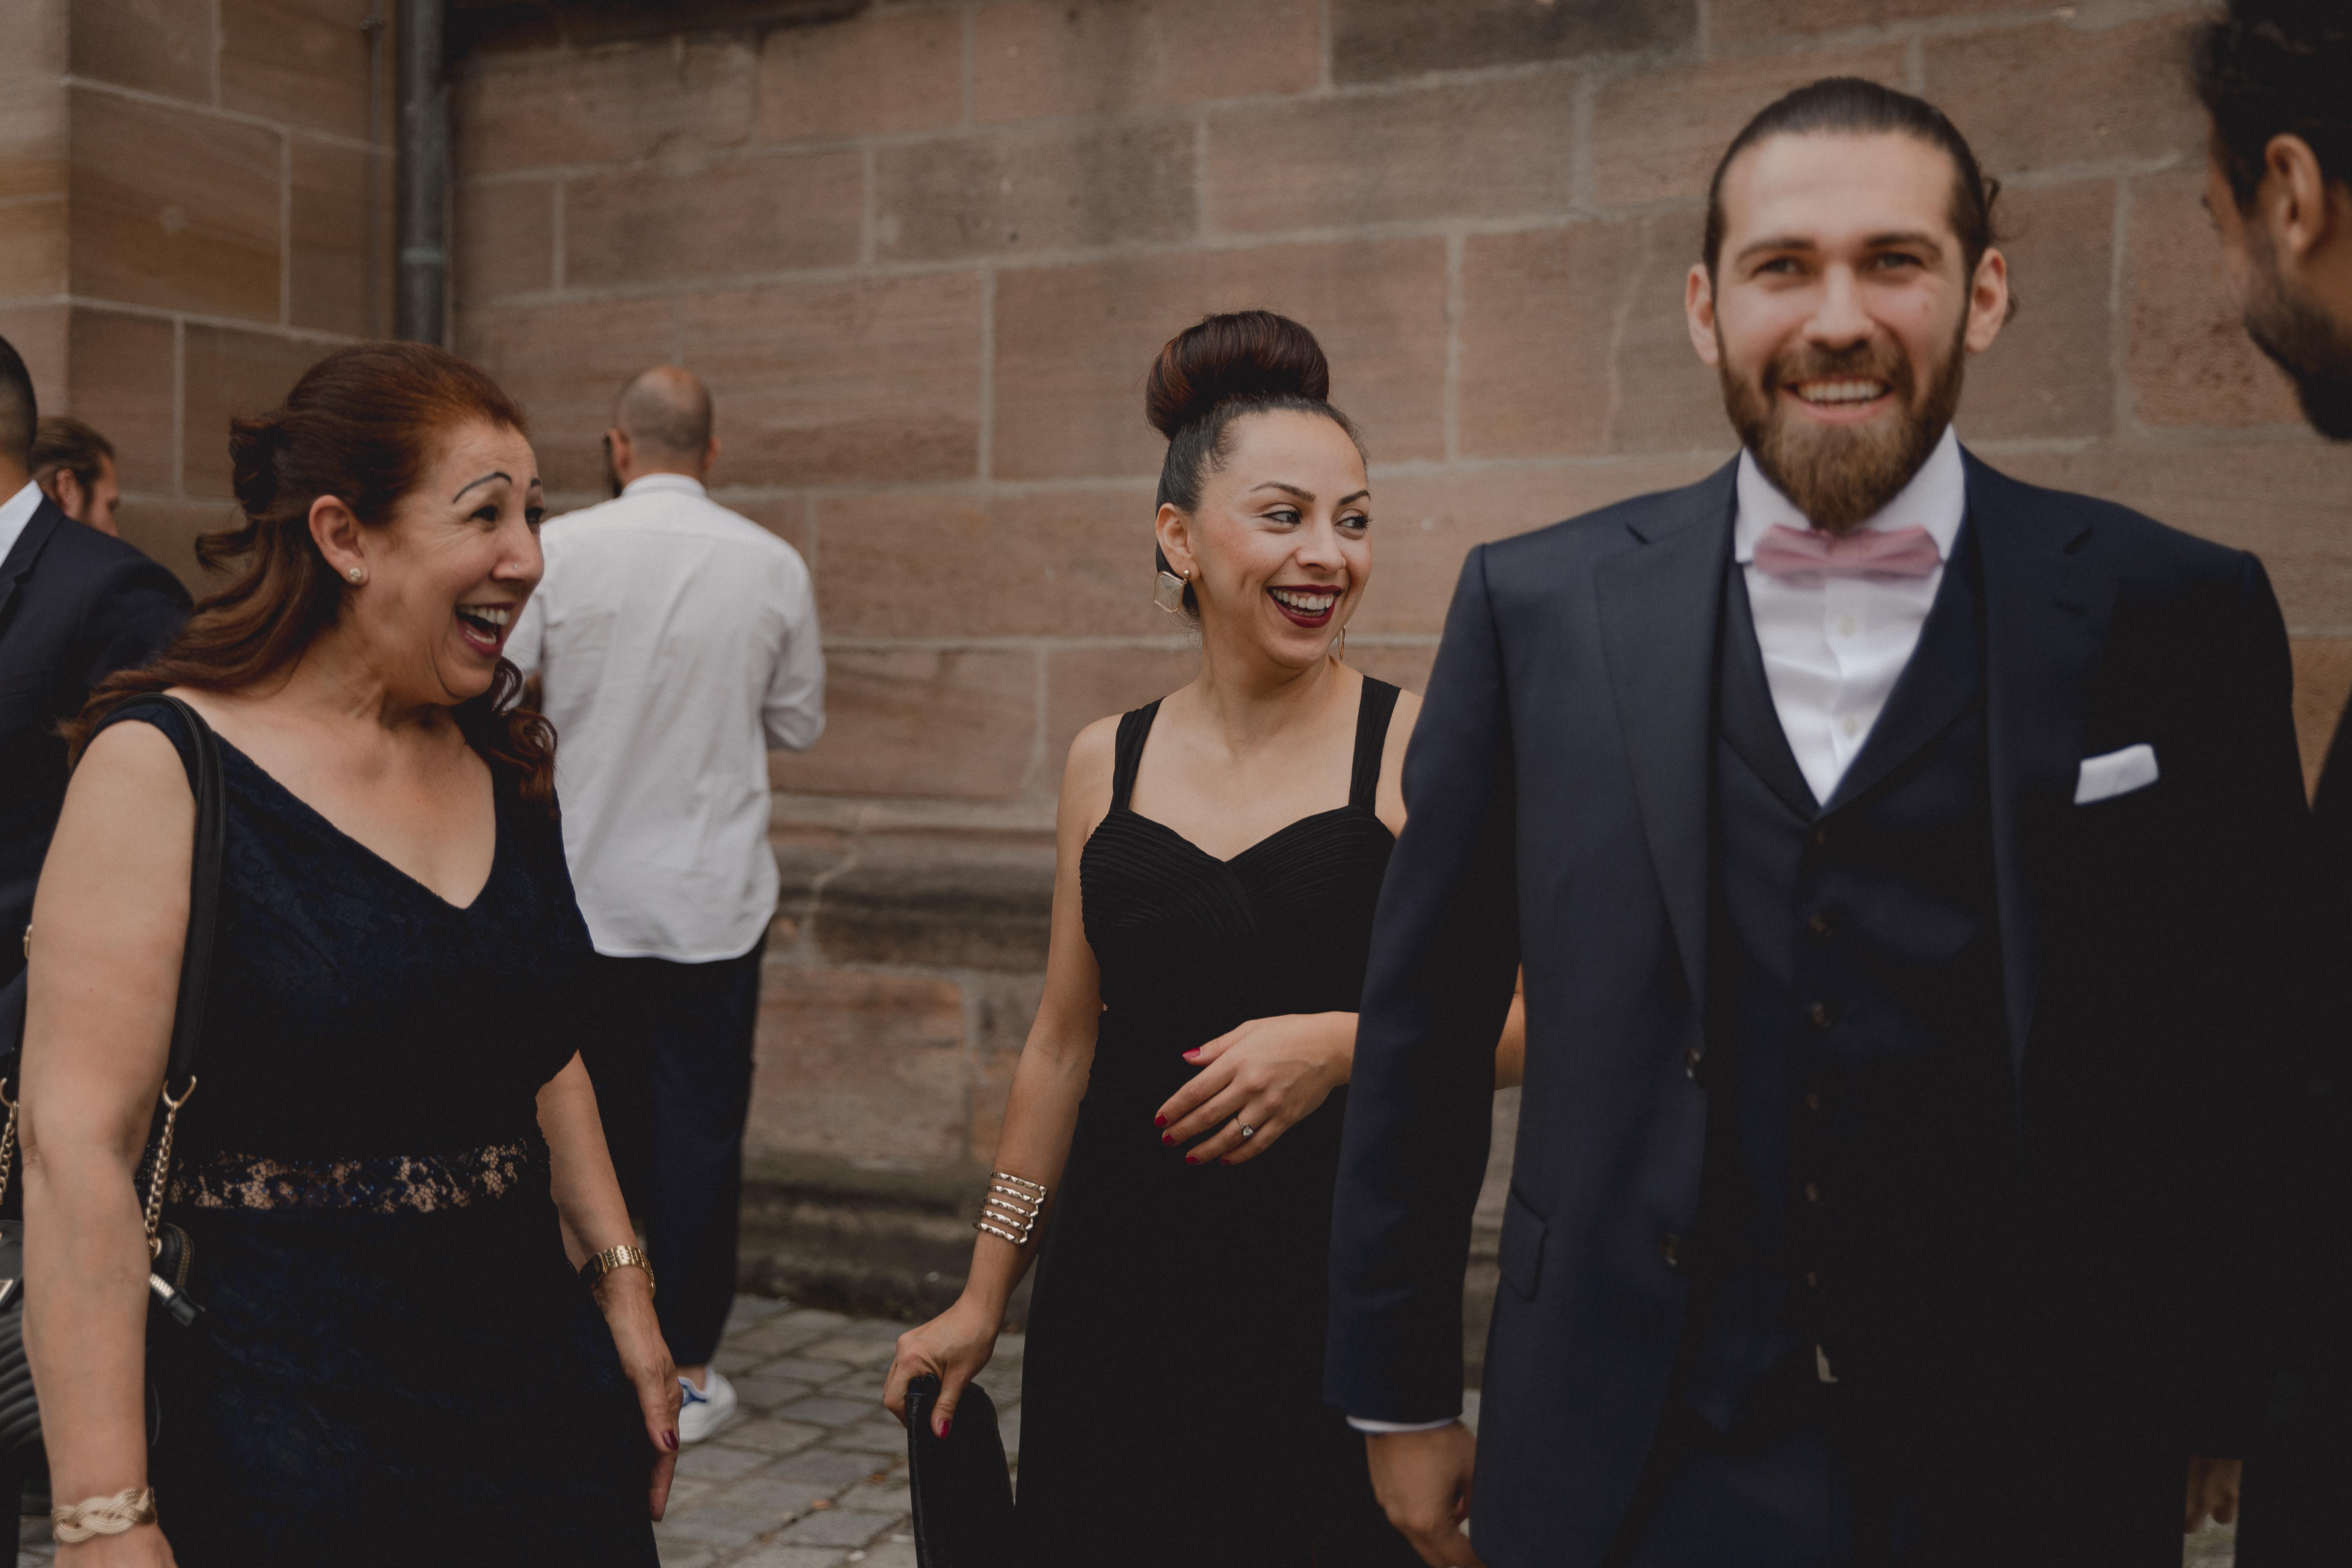 Hochzeitsfotograf-Nuernberg-Bootshaus-Nicole-und-Kadhir-005